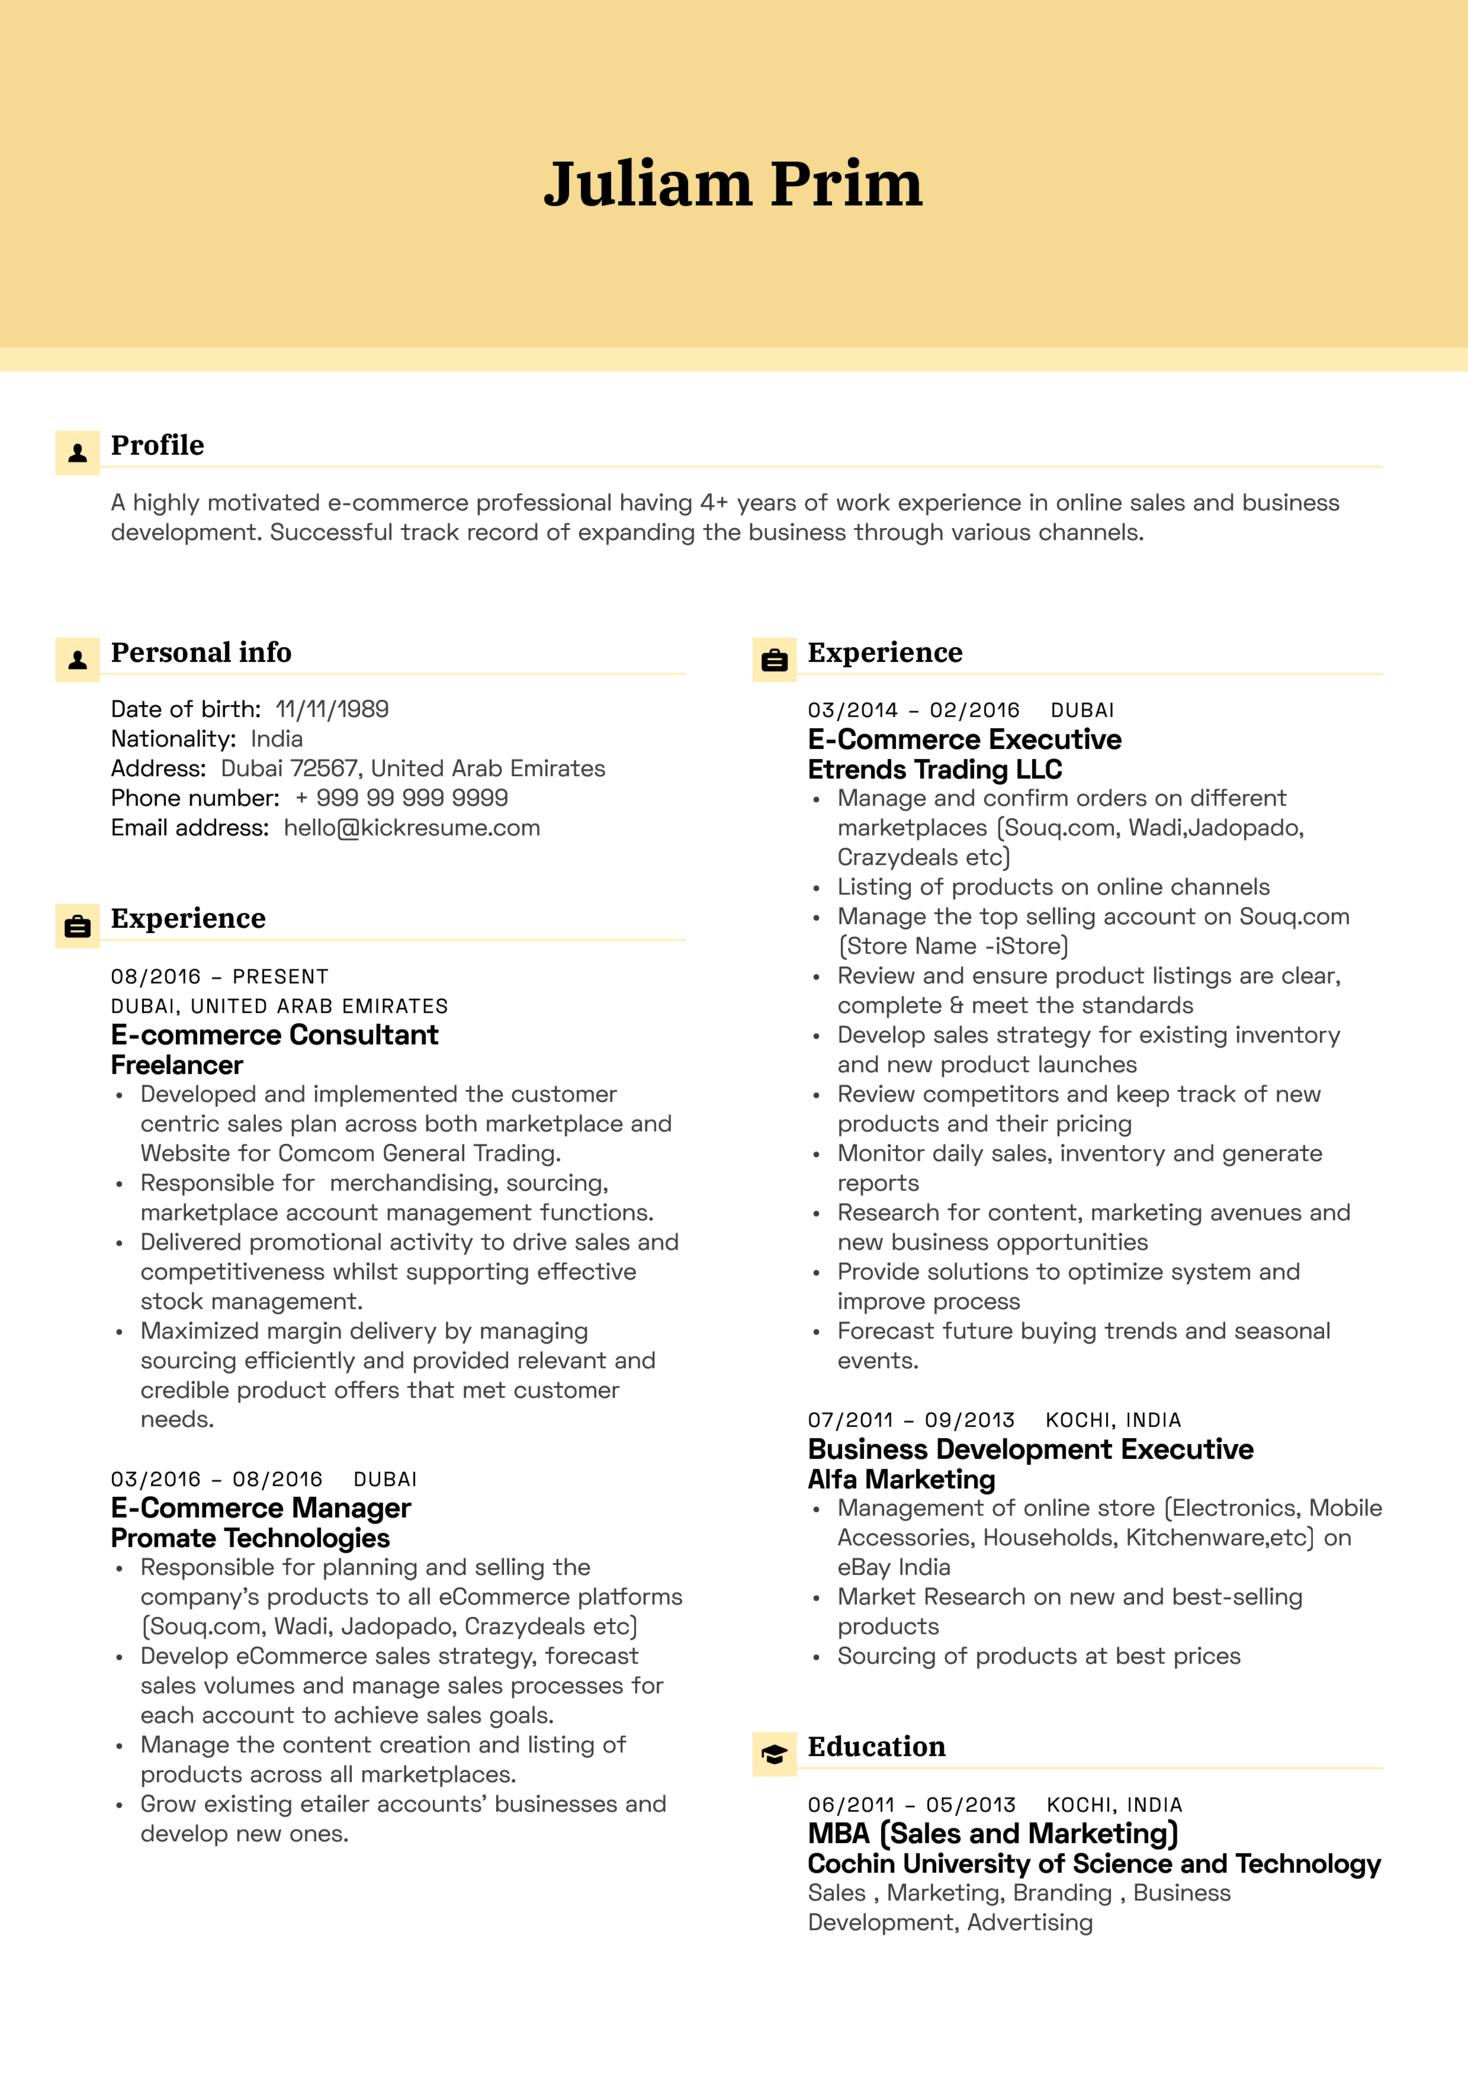 Yamaha E-commerce Executive Resume Example (Parte 1)